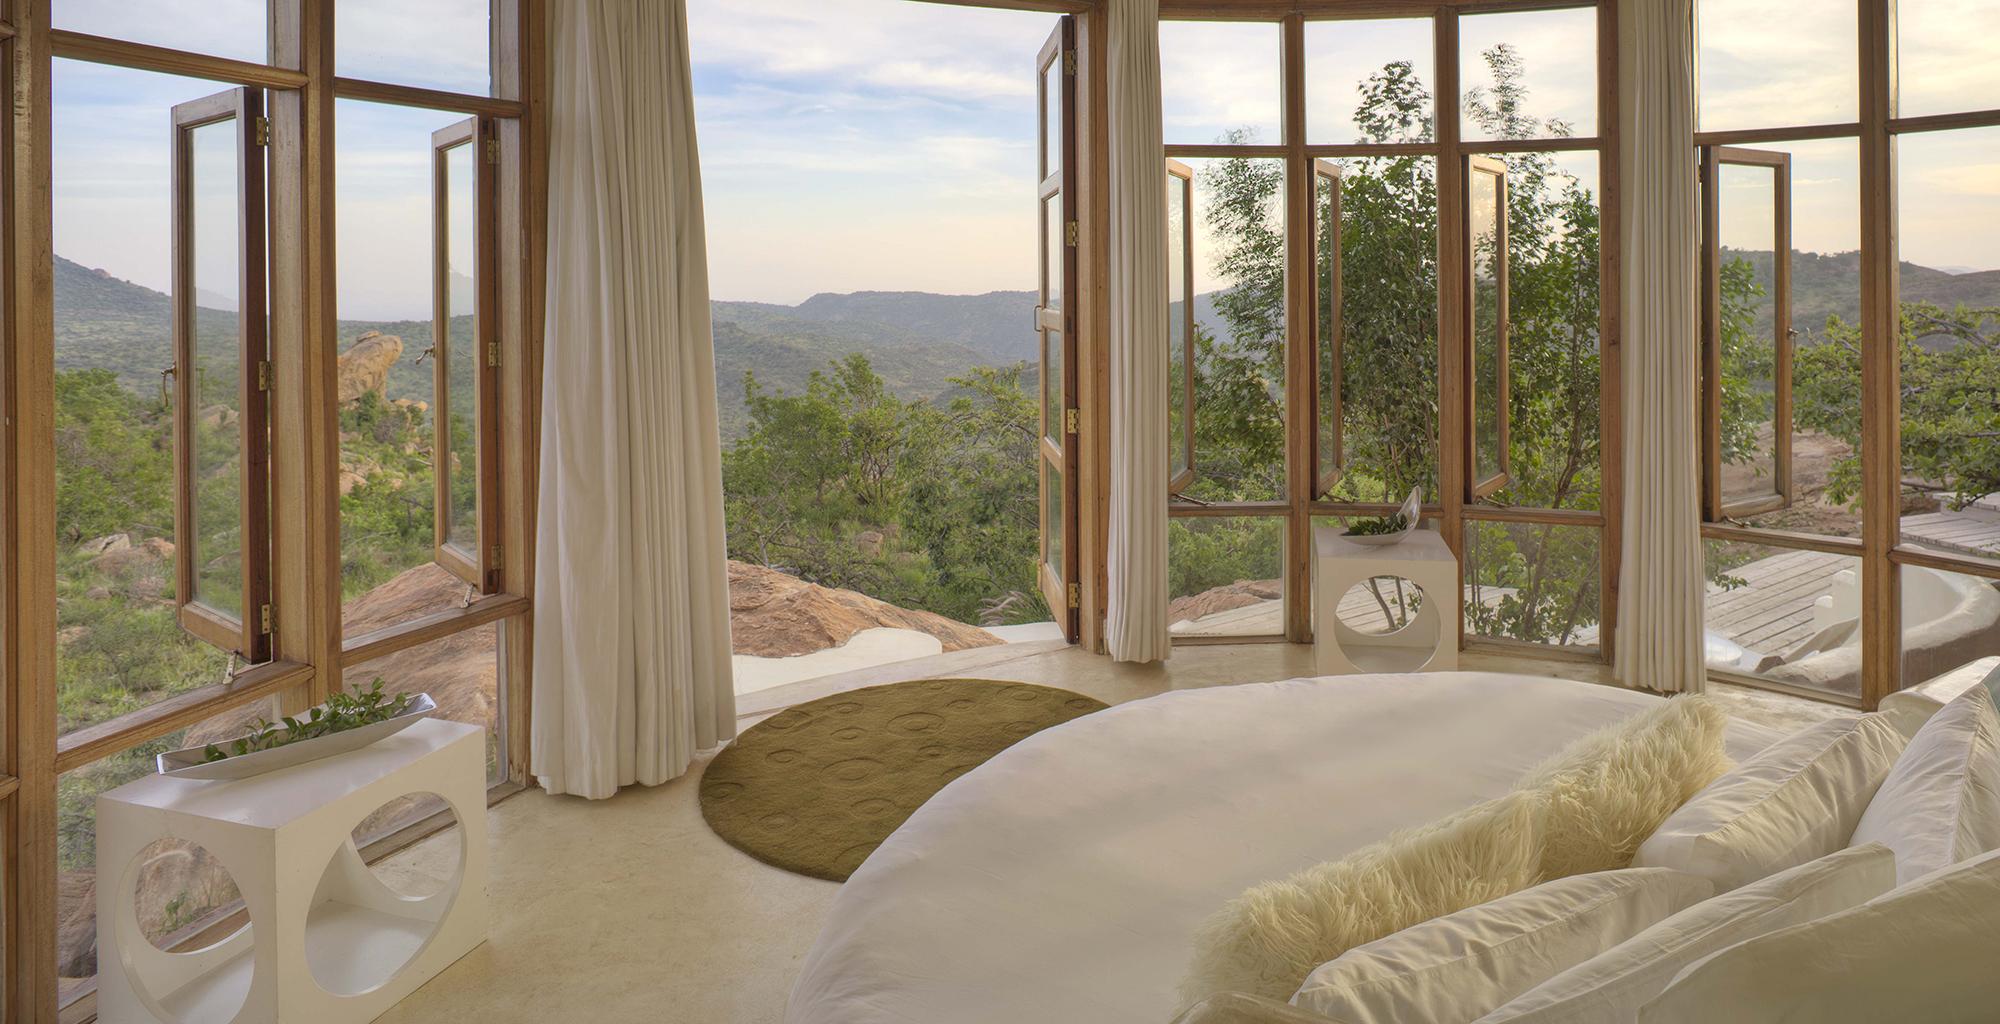 Kenya-Ol-Lentille-Bedroom